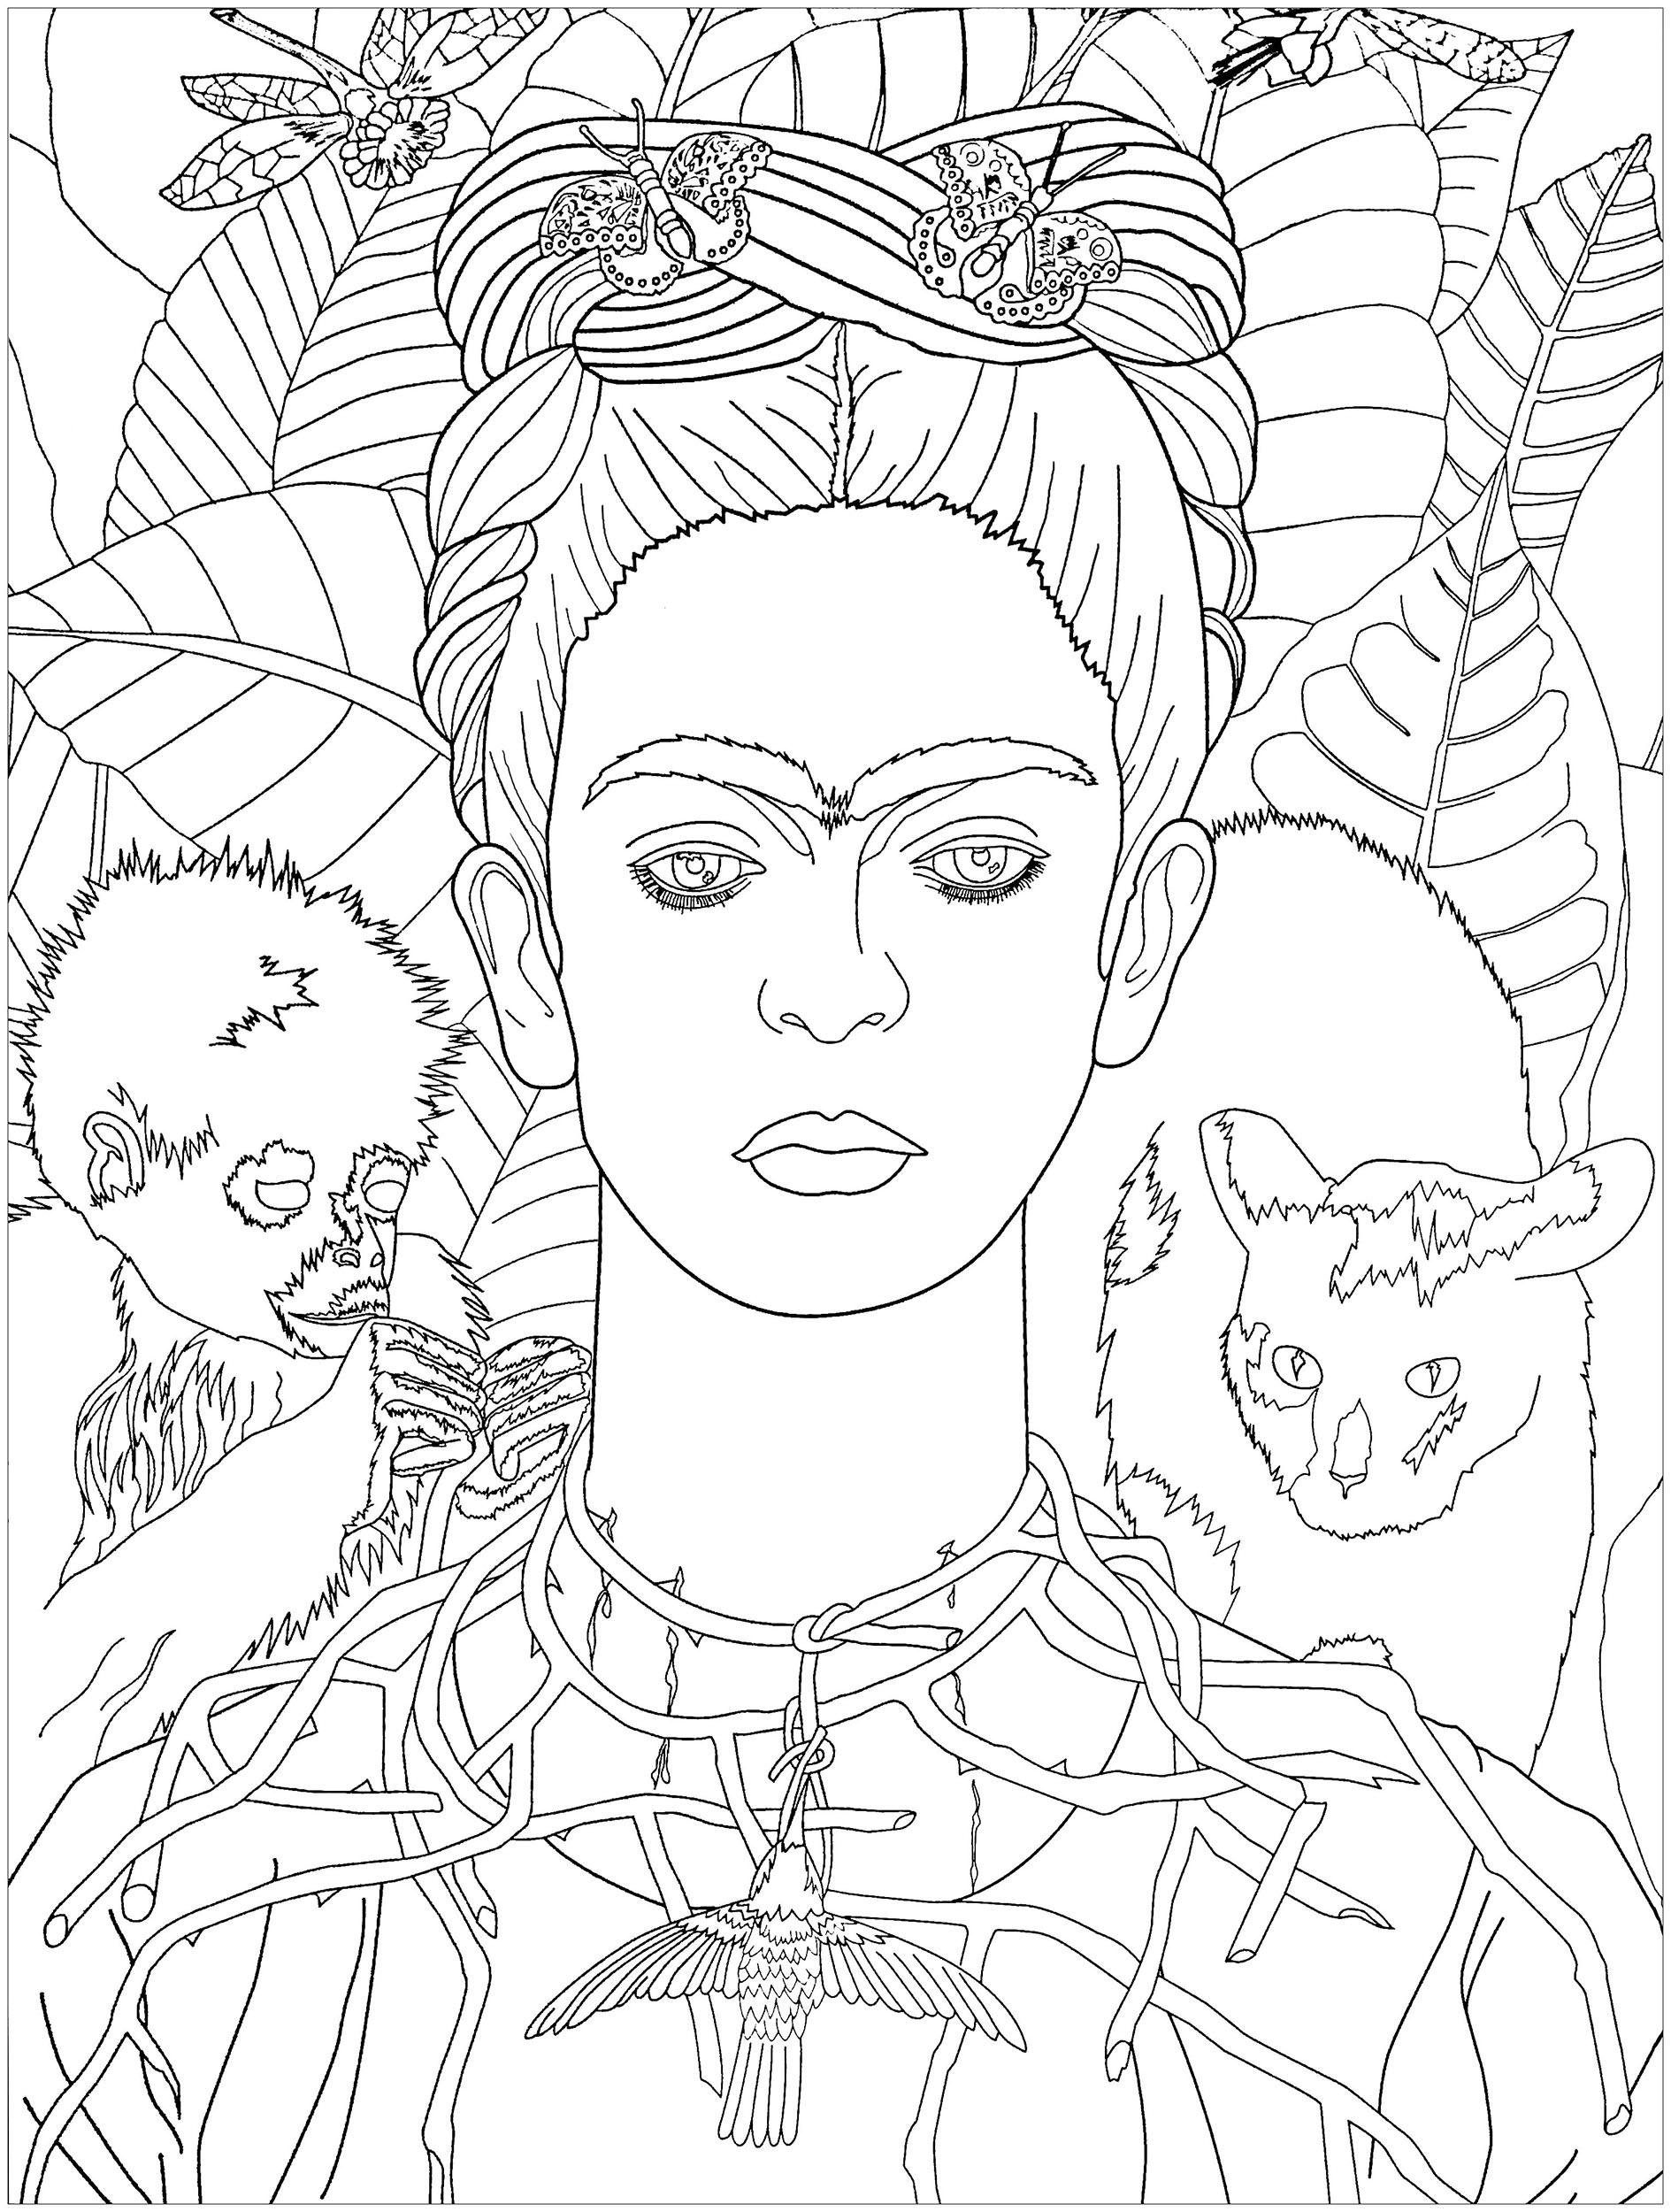 Autoportrait de Frida Kahlo au collier d'épines et au colibri, Collection Nickolas Muray (1940)